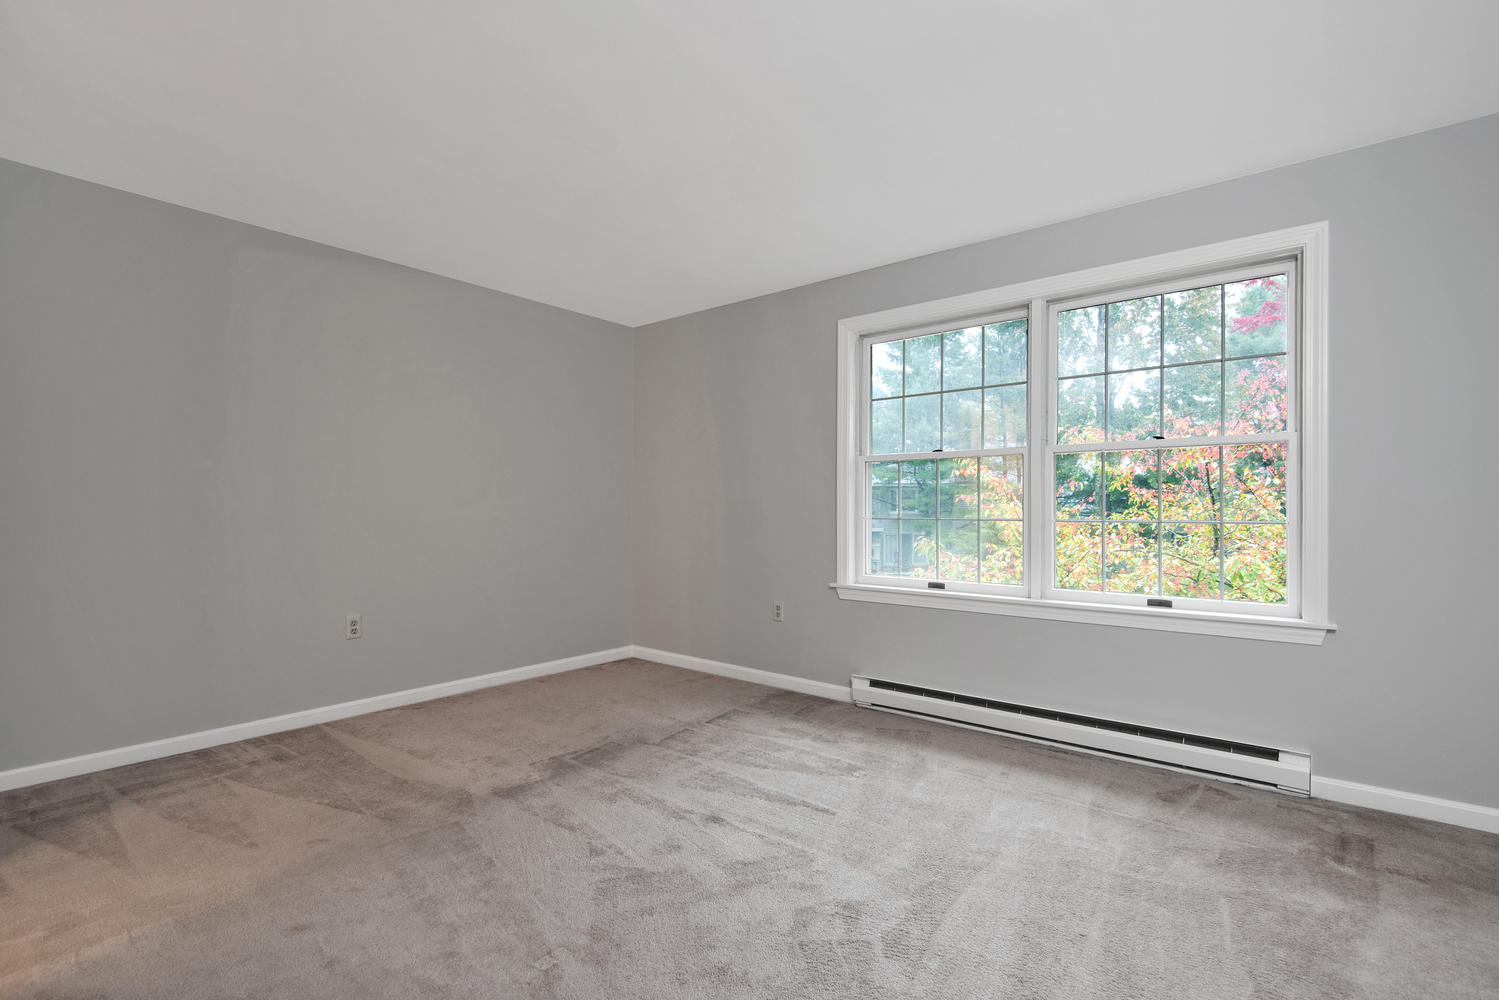 11 Crestfield Terrace Portland-large-027-23-Bedroom 2-1499x1000-72dpi_1.jpg